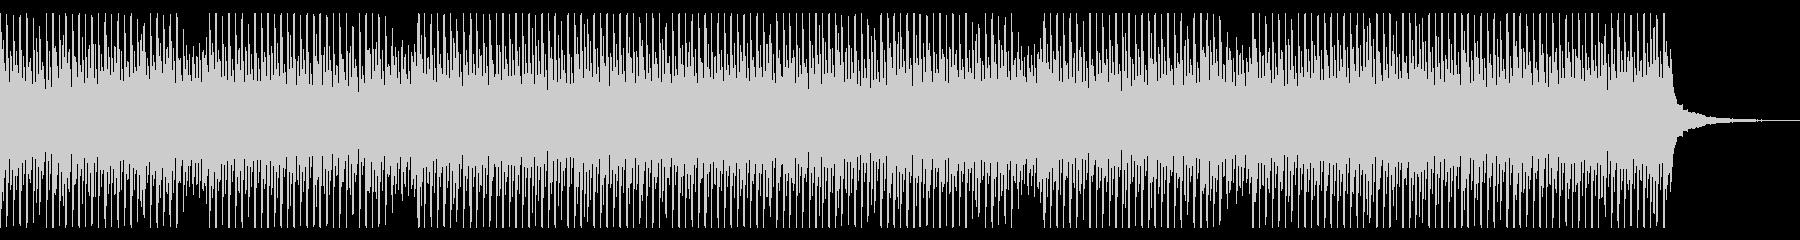 ベース無し 再会 Pf ストリングスの未再生の波形